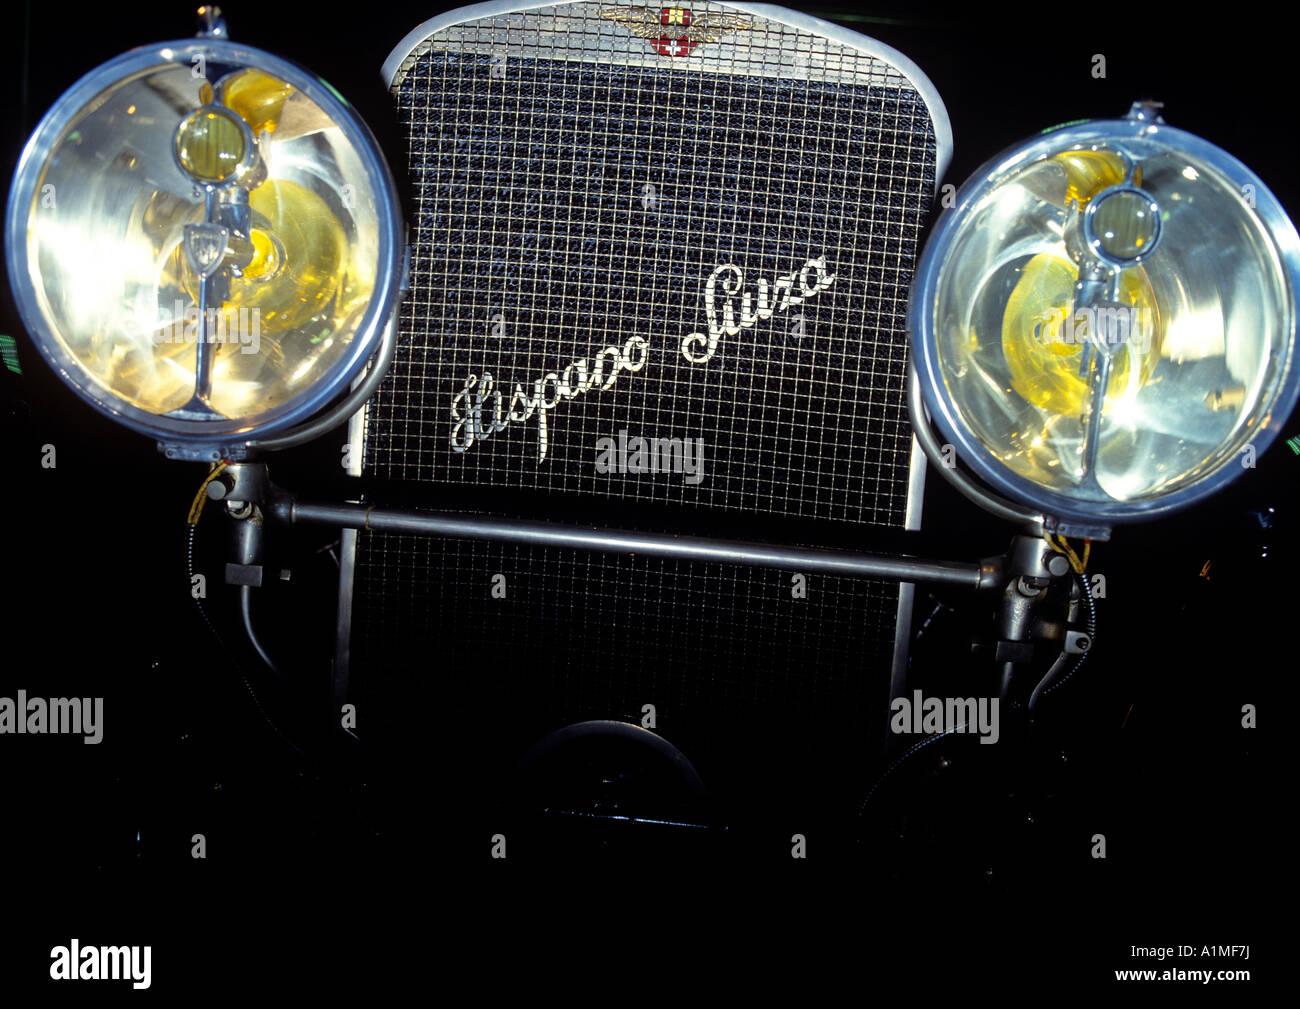 Vorderansicht des Hispano-Suiza Oldtimer Automobil Spanien Schweiz redaktionelle verwenden nur Stockbild